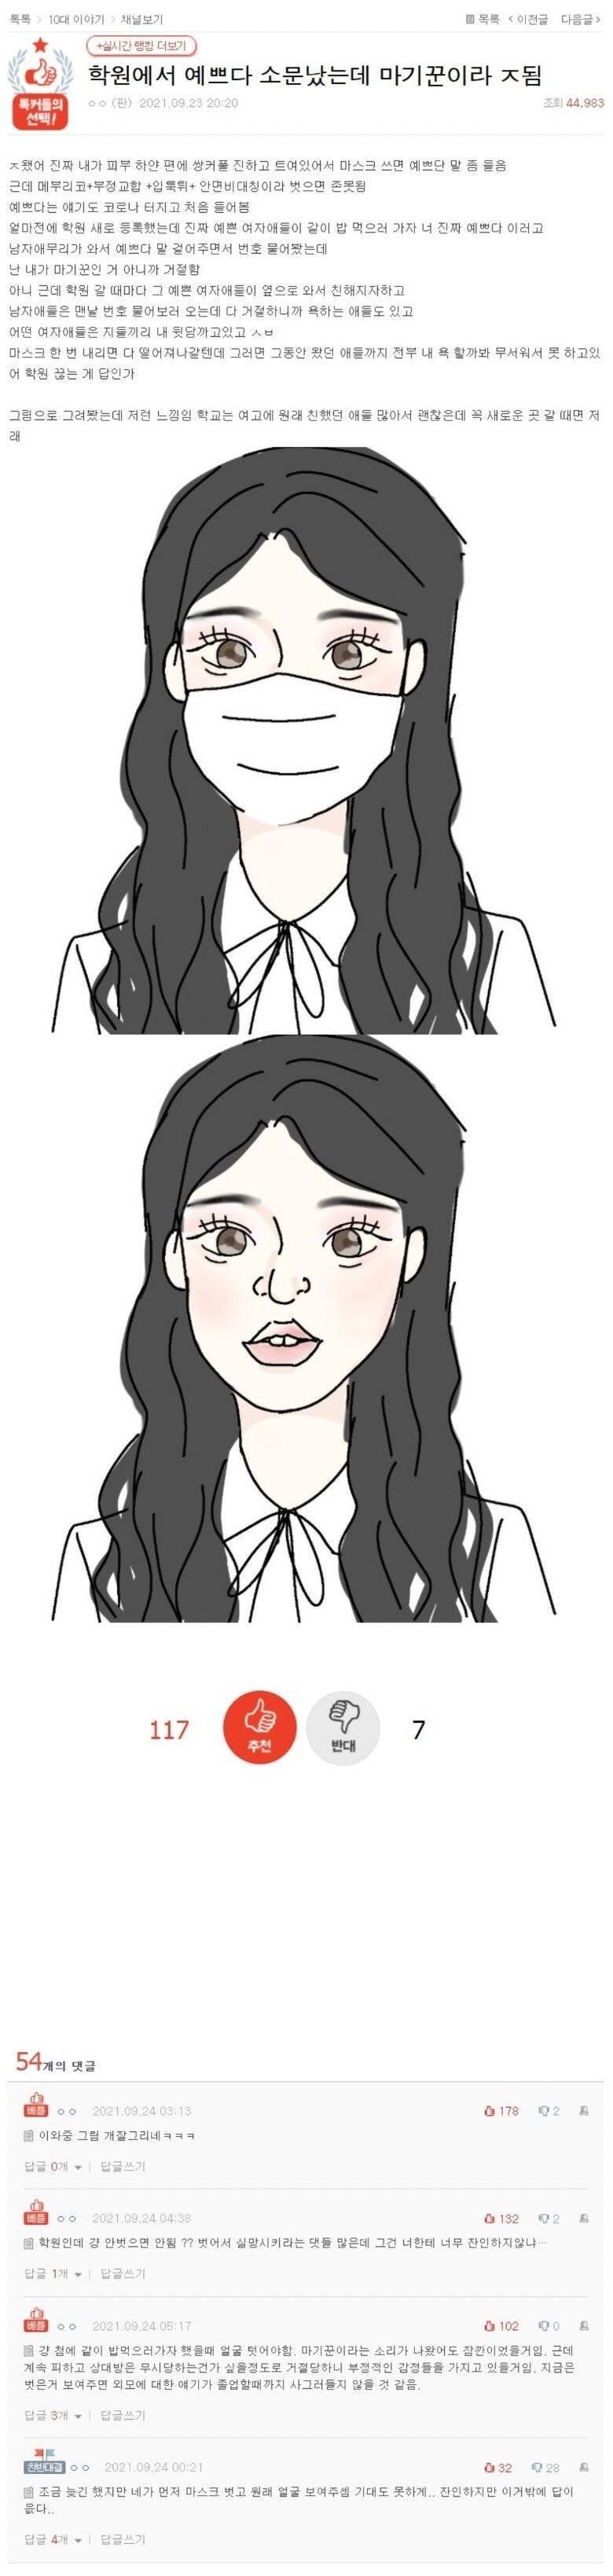 판) 학원에서 예쁘다고 소문났는데 마기꾼이라 걱정인 여자.jpg | 인스티즈